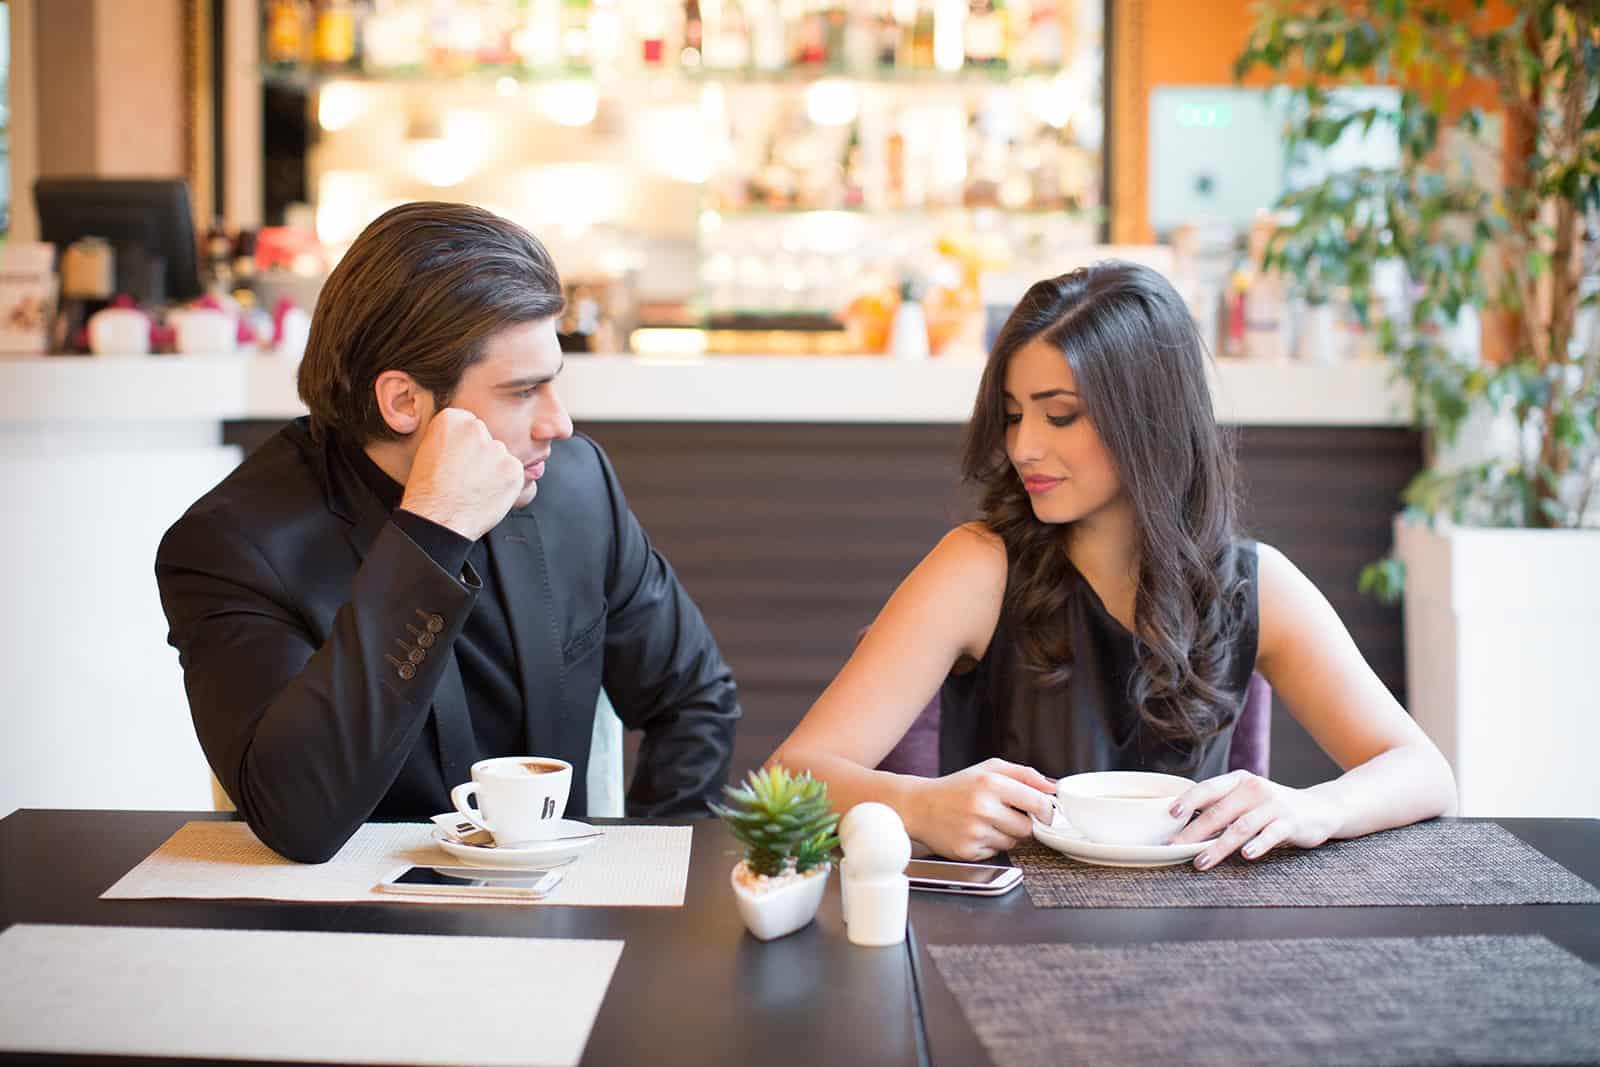 ein Paar sitzt in einem Restaurant und trinkt Kaffee